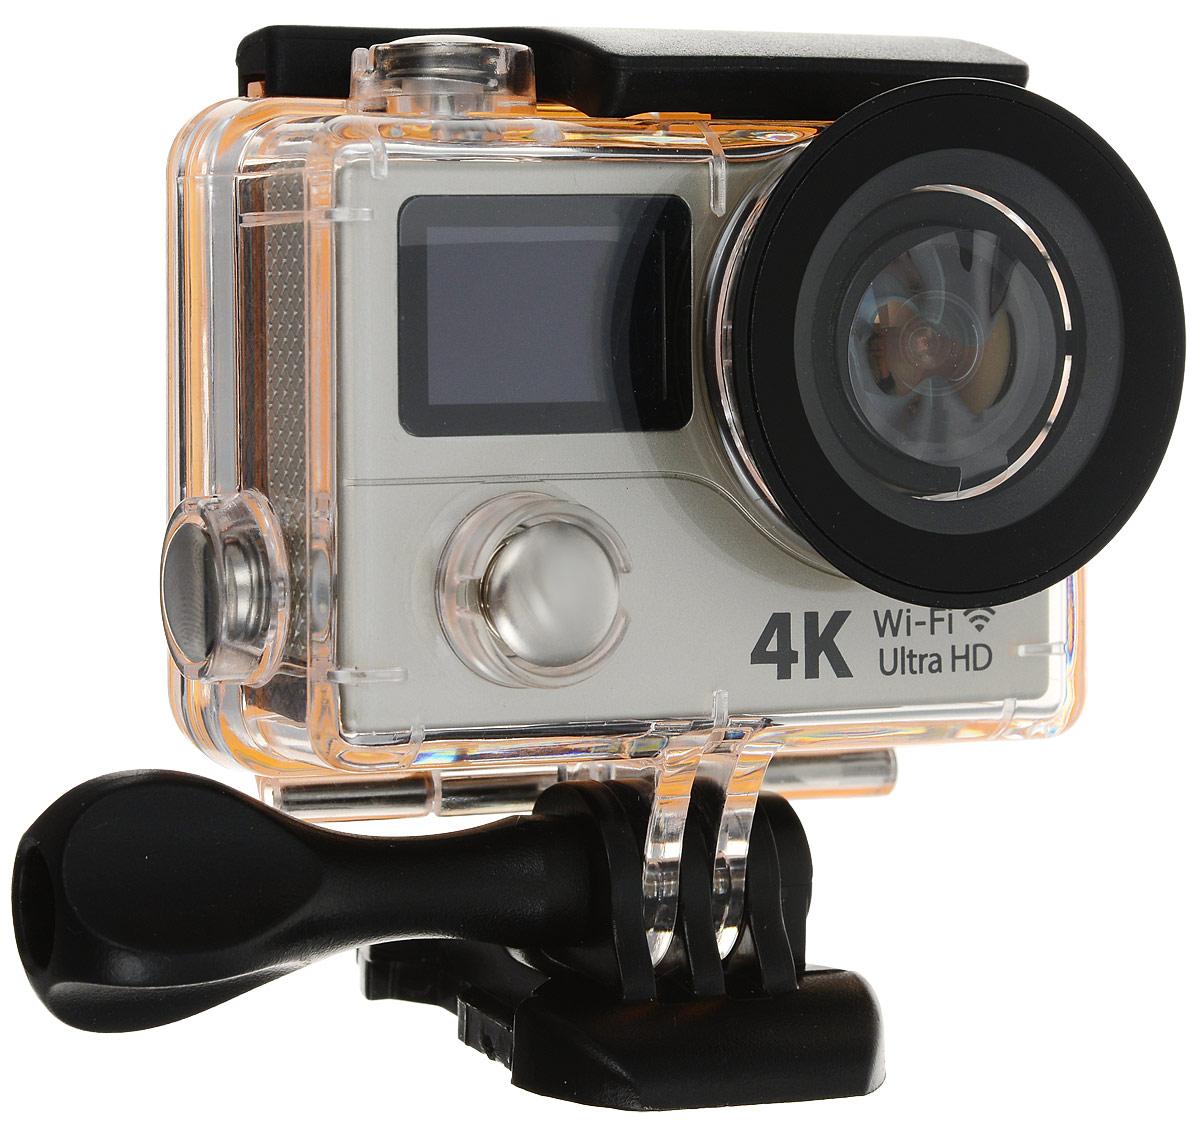 Eken H3R Ultra HD, Grey экшн-камераH3R/H8Rse_greyЭкшн-камера Eken H3R Ultra HD позволяет записывать видео с разрешением 4К и очень плавным изображением до 25 кадров в секунду. Камера имеет два дисплея: 2 TFT LCD основной экран и 0.95 OLED экран статуса (уровень заряда батареи, подключение к WiFi, режим съемки и длительность записи). Эта модель сделана для любителей спорта на улице, подводного плавания, скейтбординга, скай-дайвинга, скалолазания, бега или охоты. Снимайте с руки, на велосипеде, в машине и где угодно. По сравнению с предыдущими версиями, в Eken H3R Ultra HD вы найдете уменьшенные размеры корпуса, увеличенный до 2-х дюймов экран, невероятную оптику и фантастическое разрешение изображения при съемке 25 кадров в секунду! Управляйте вашей H3R на своем смартфоне или планшете. Приложение Ez iCam App позволяет работать с браузером и наблюдать все то, что видит ваша камера. В комплекте с камерой идет пульт ДУ работающий на частоте 2,4 ГГц. Он позволяет начинать и заканчивать съемку...